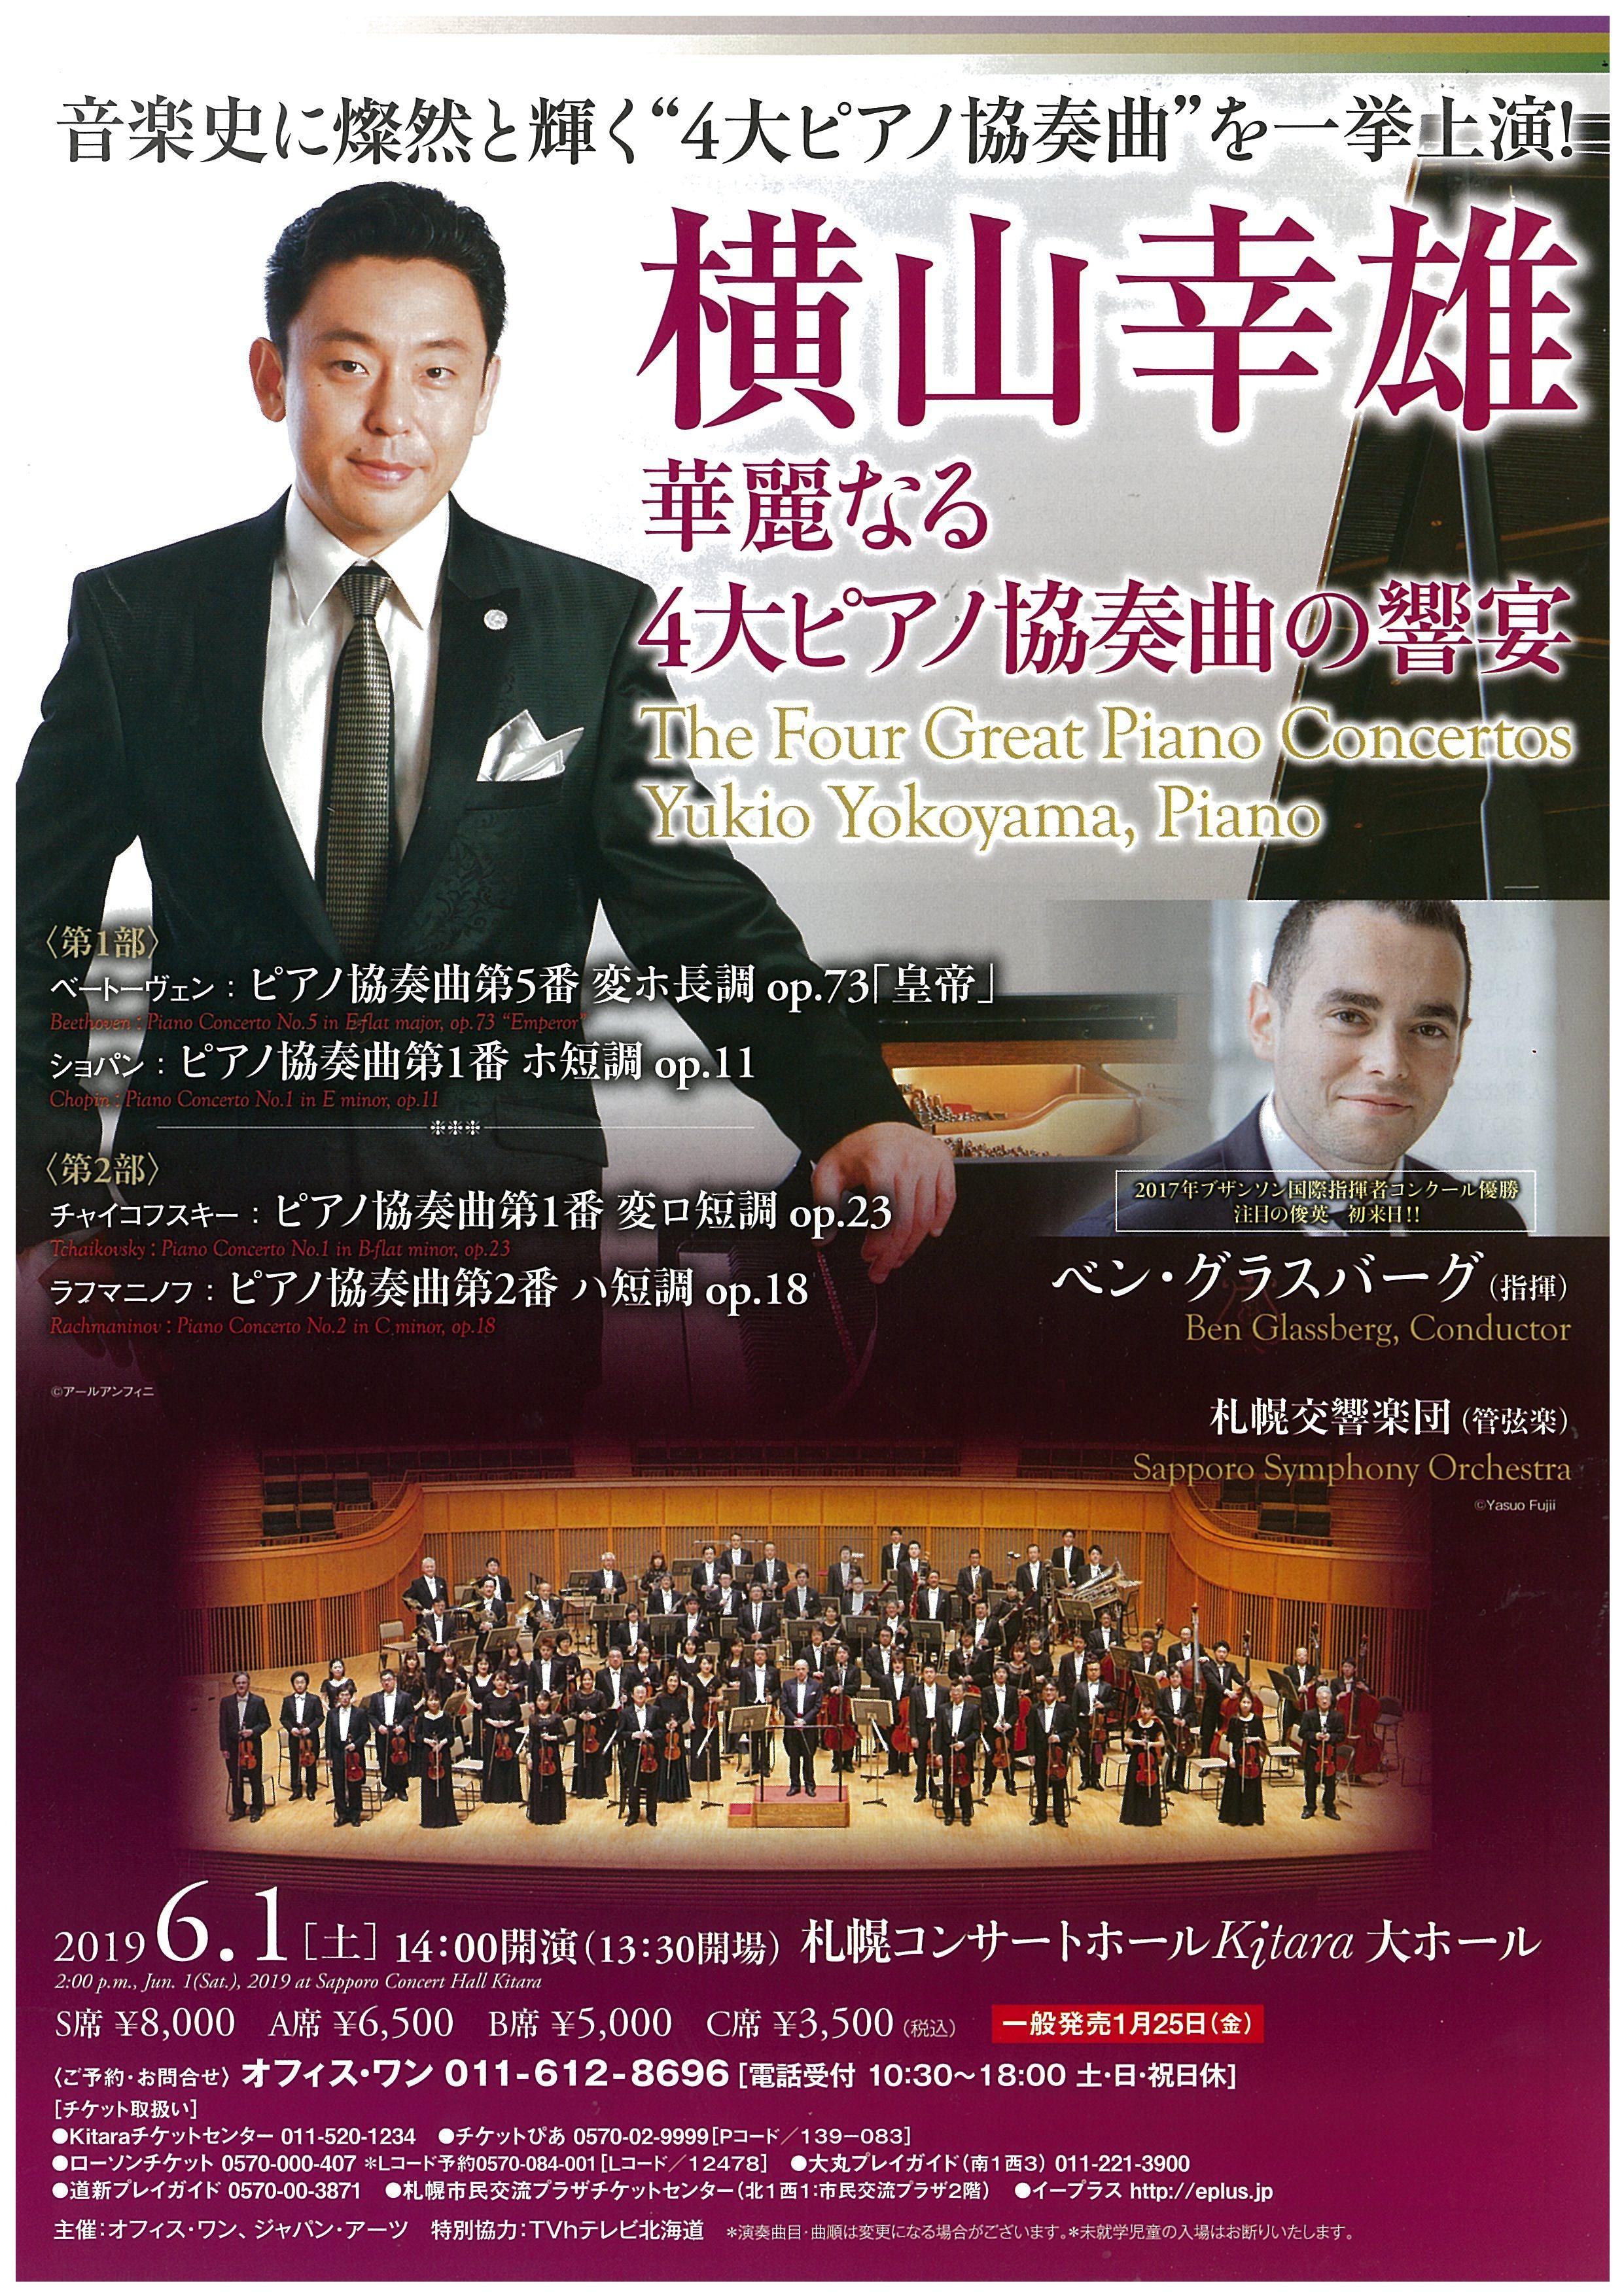 横山幸雄 華麗なる4大ピアノ協奏曲の饗宴 イメージ画像